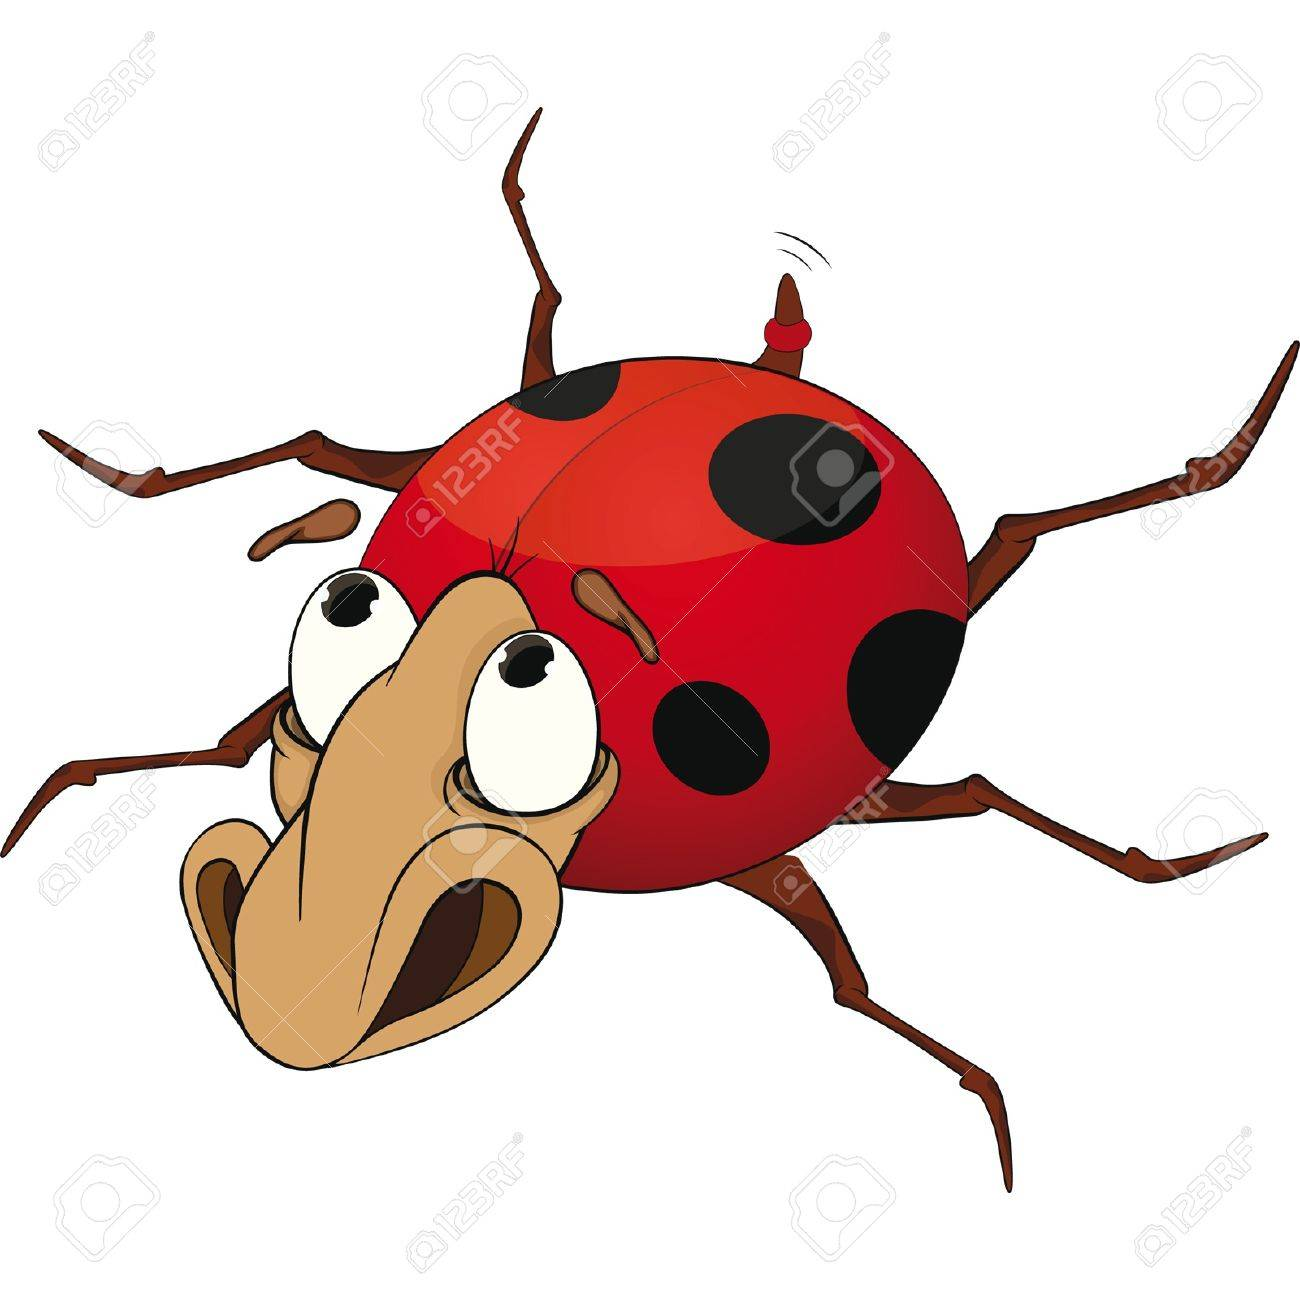 Sad ladybird from a fairy tale. Cartoon Stock Vector - 11661001